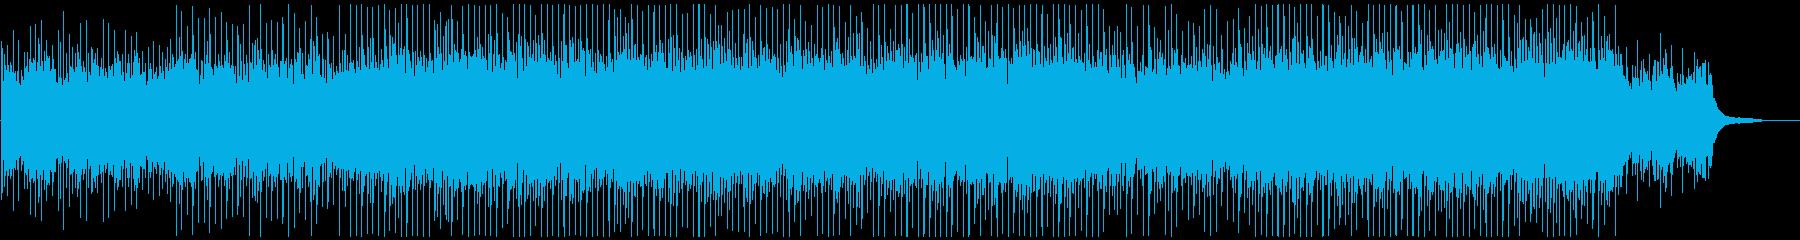 明るく優しいの再生済みの波形